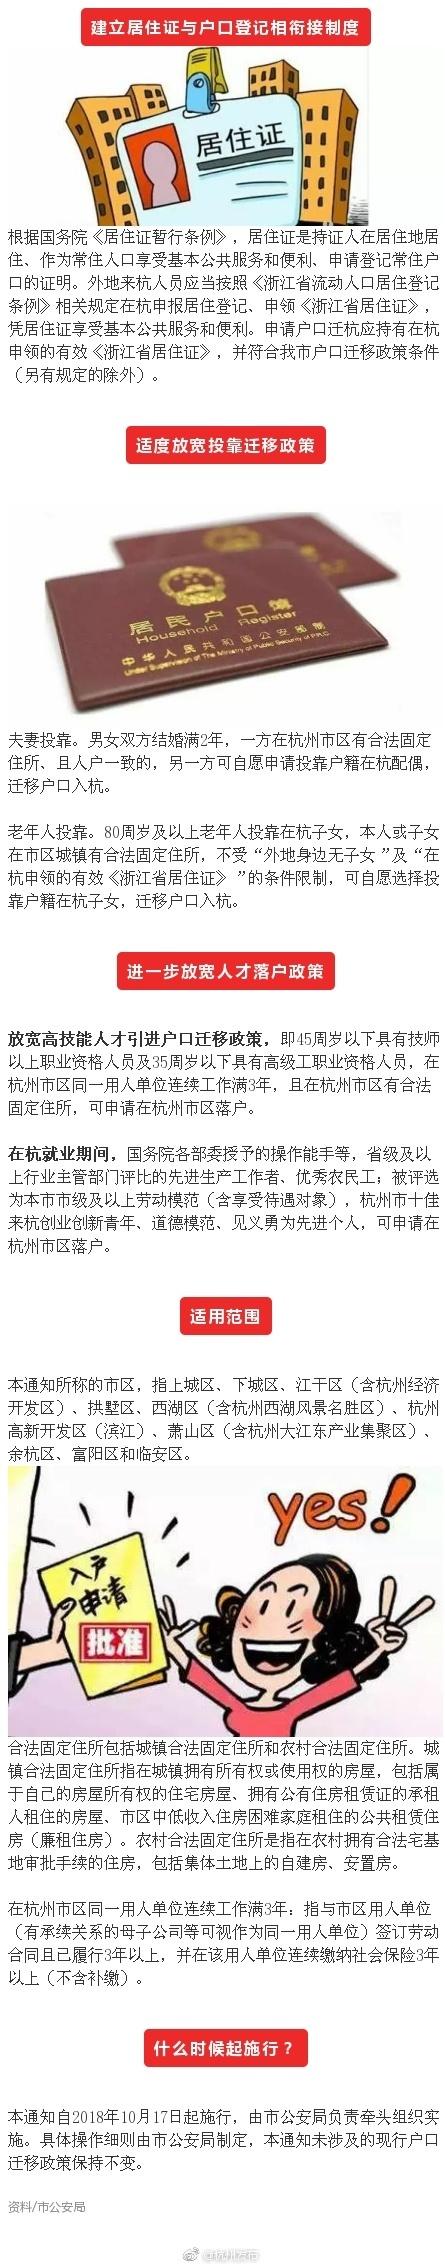 杭州最新落户政策出台,放宽高技能人才引进户口迁移政策